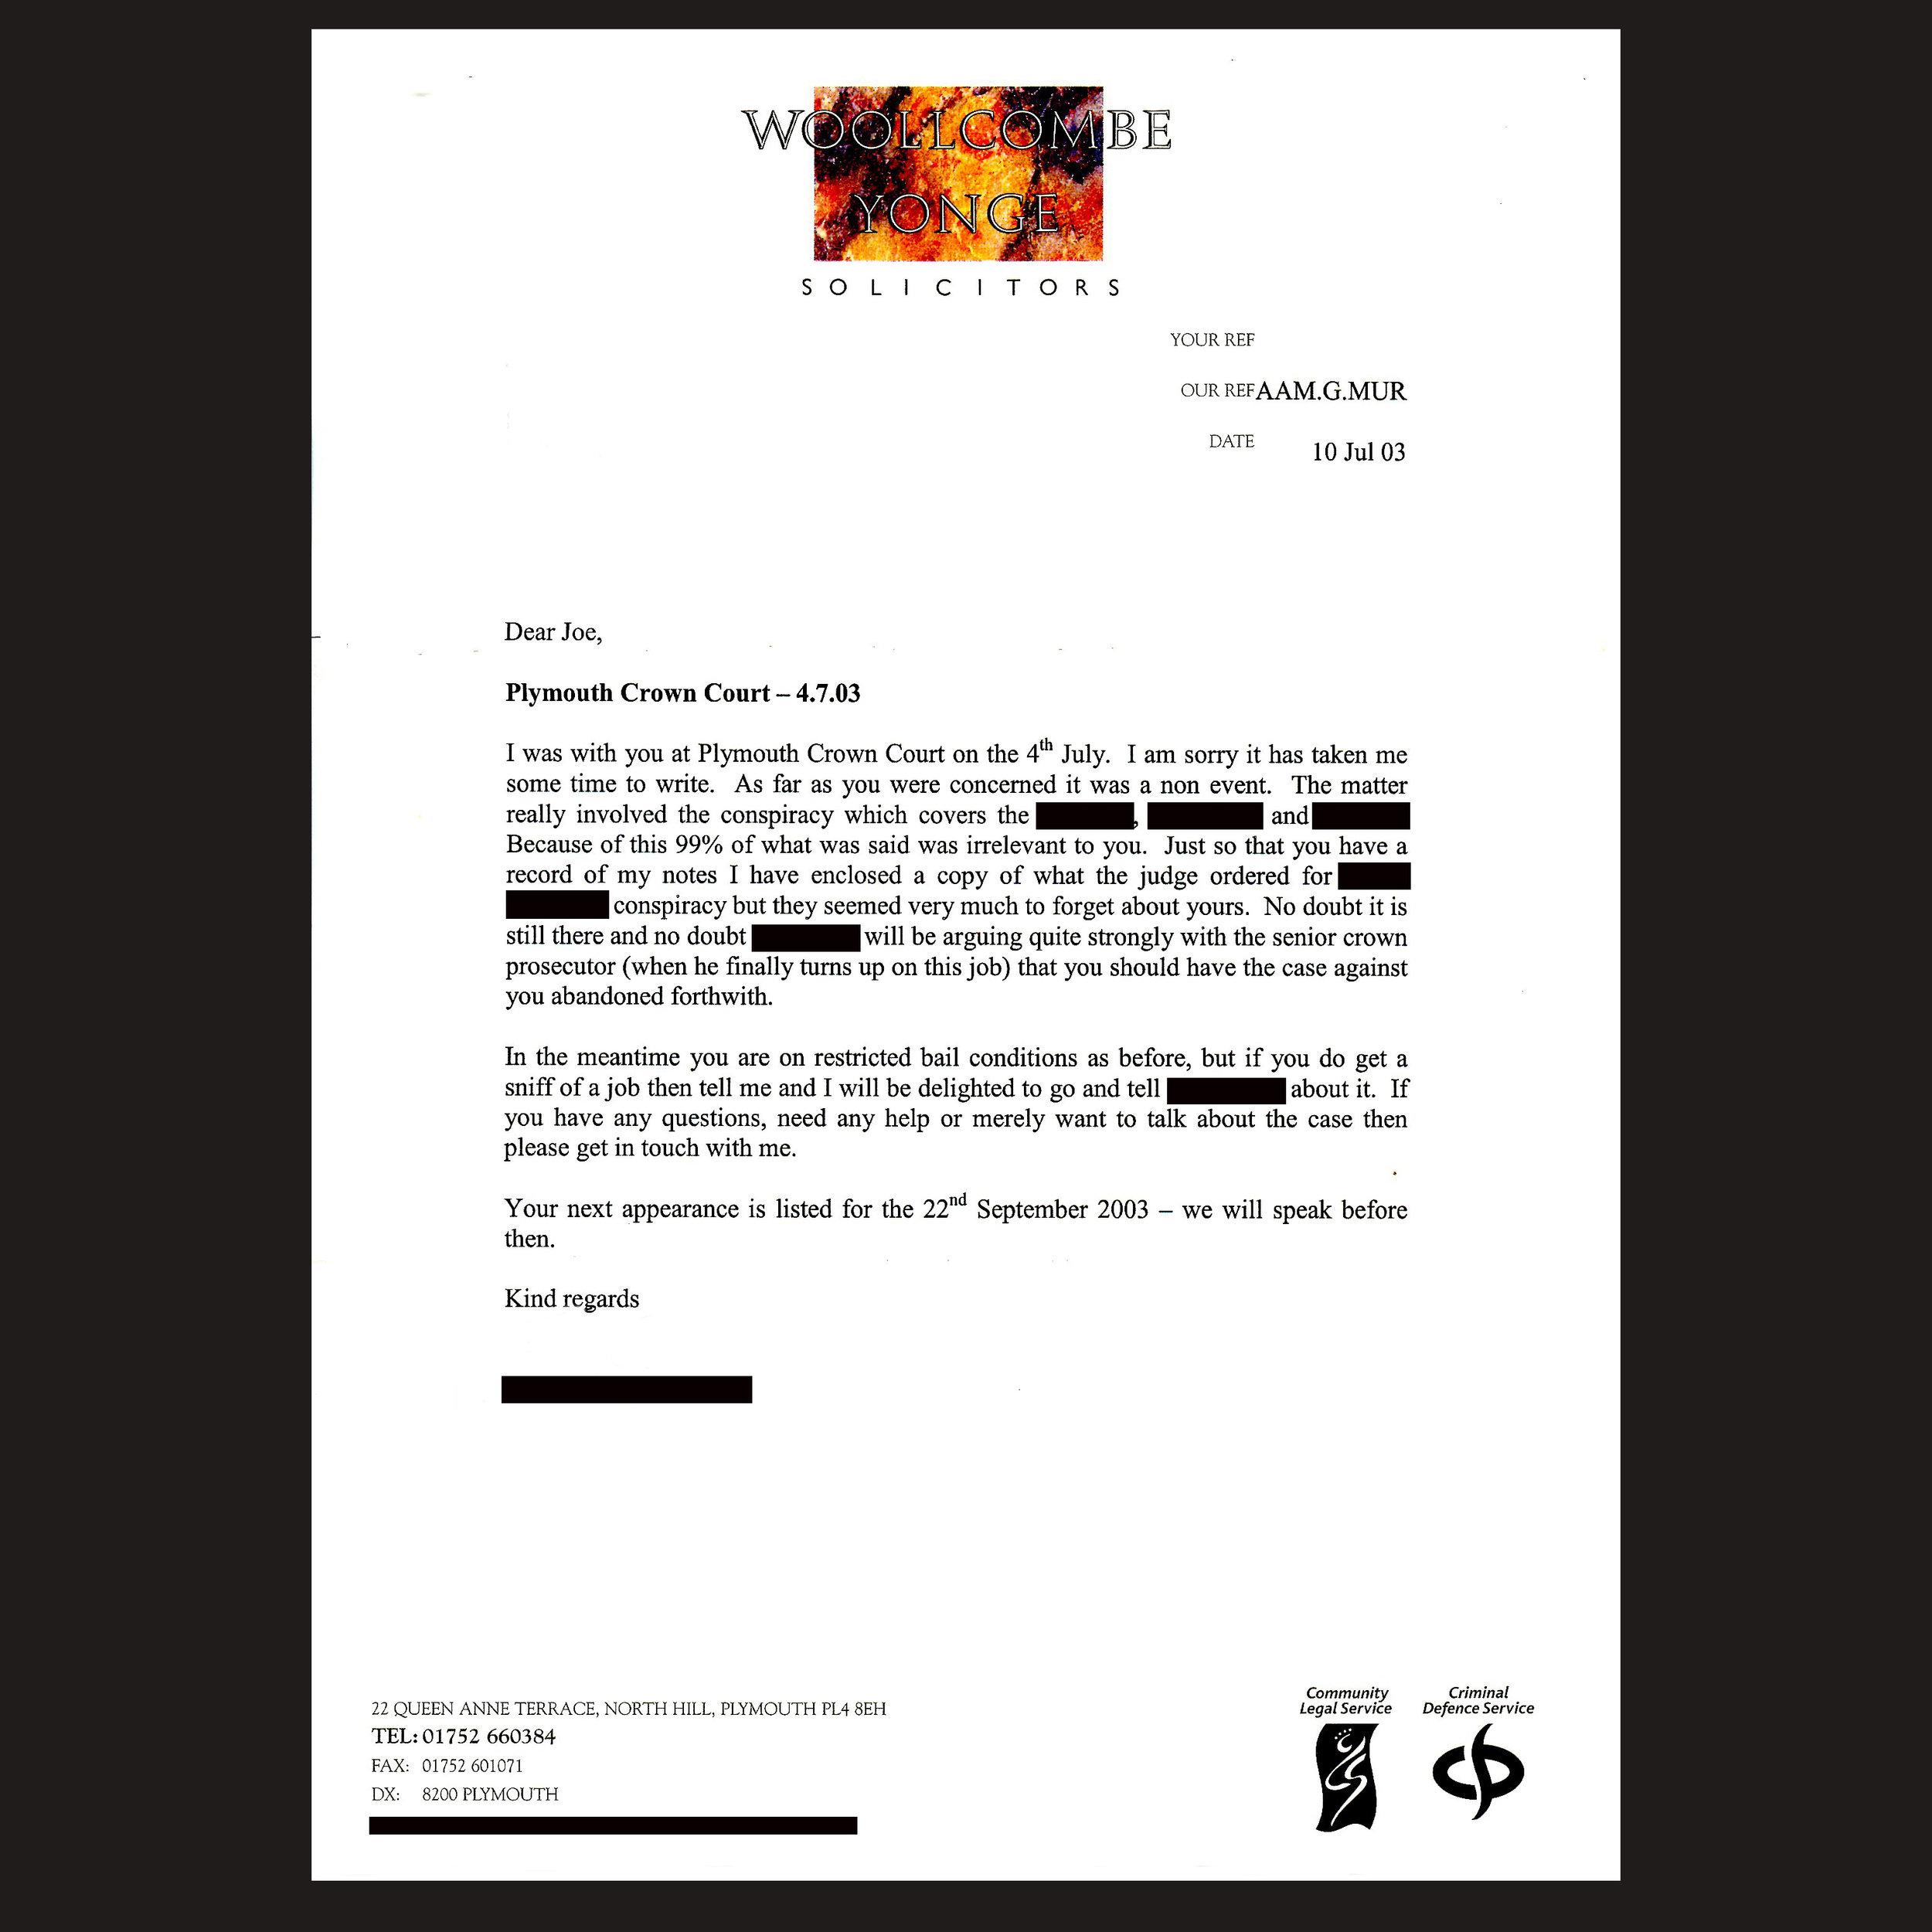 JM Bail 127  - Solicitor Letter 3 - July 2003 - 99% Irrelevant.jpg